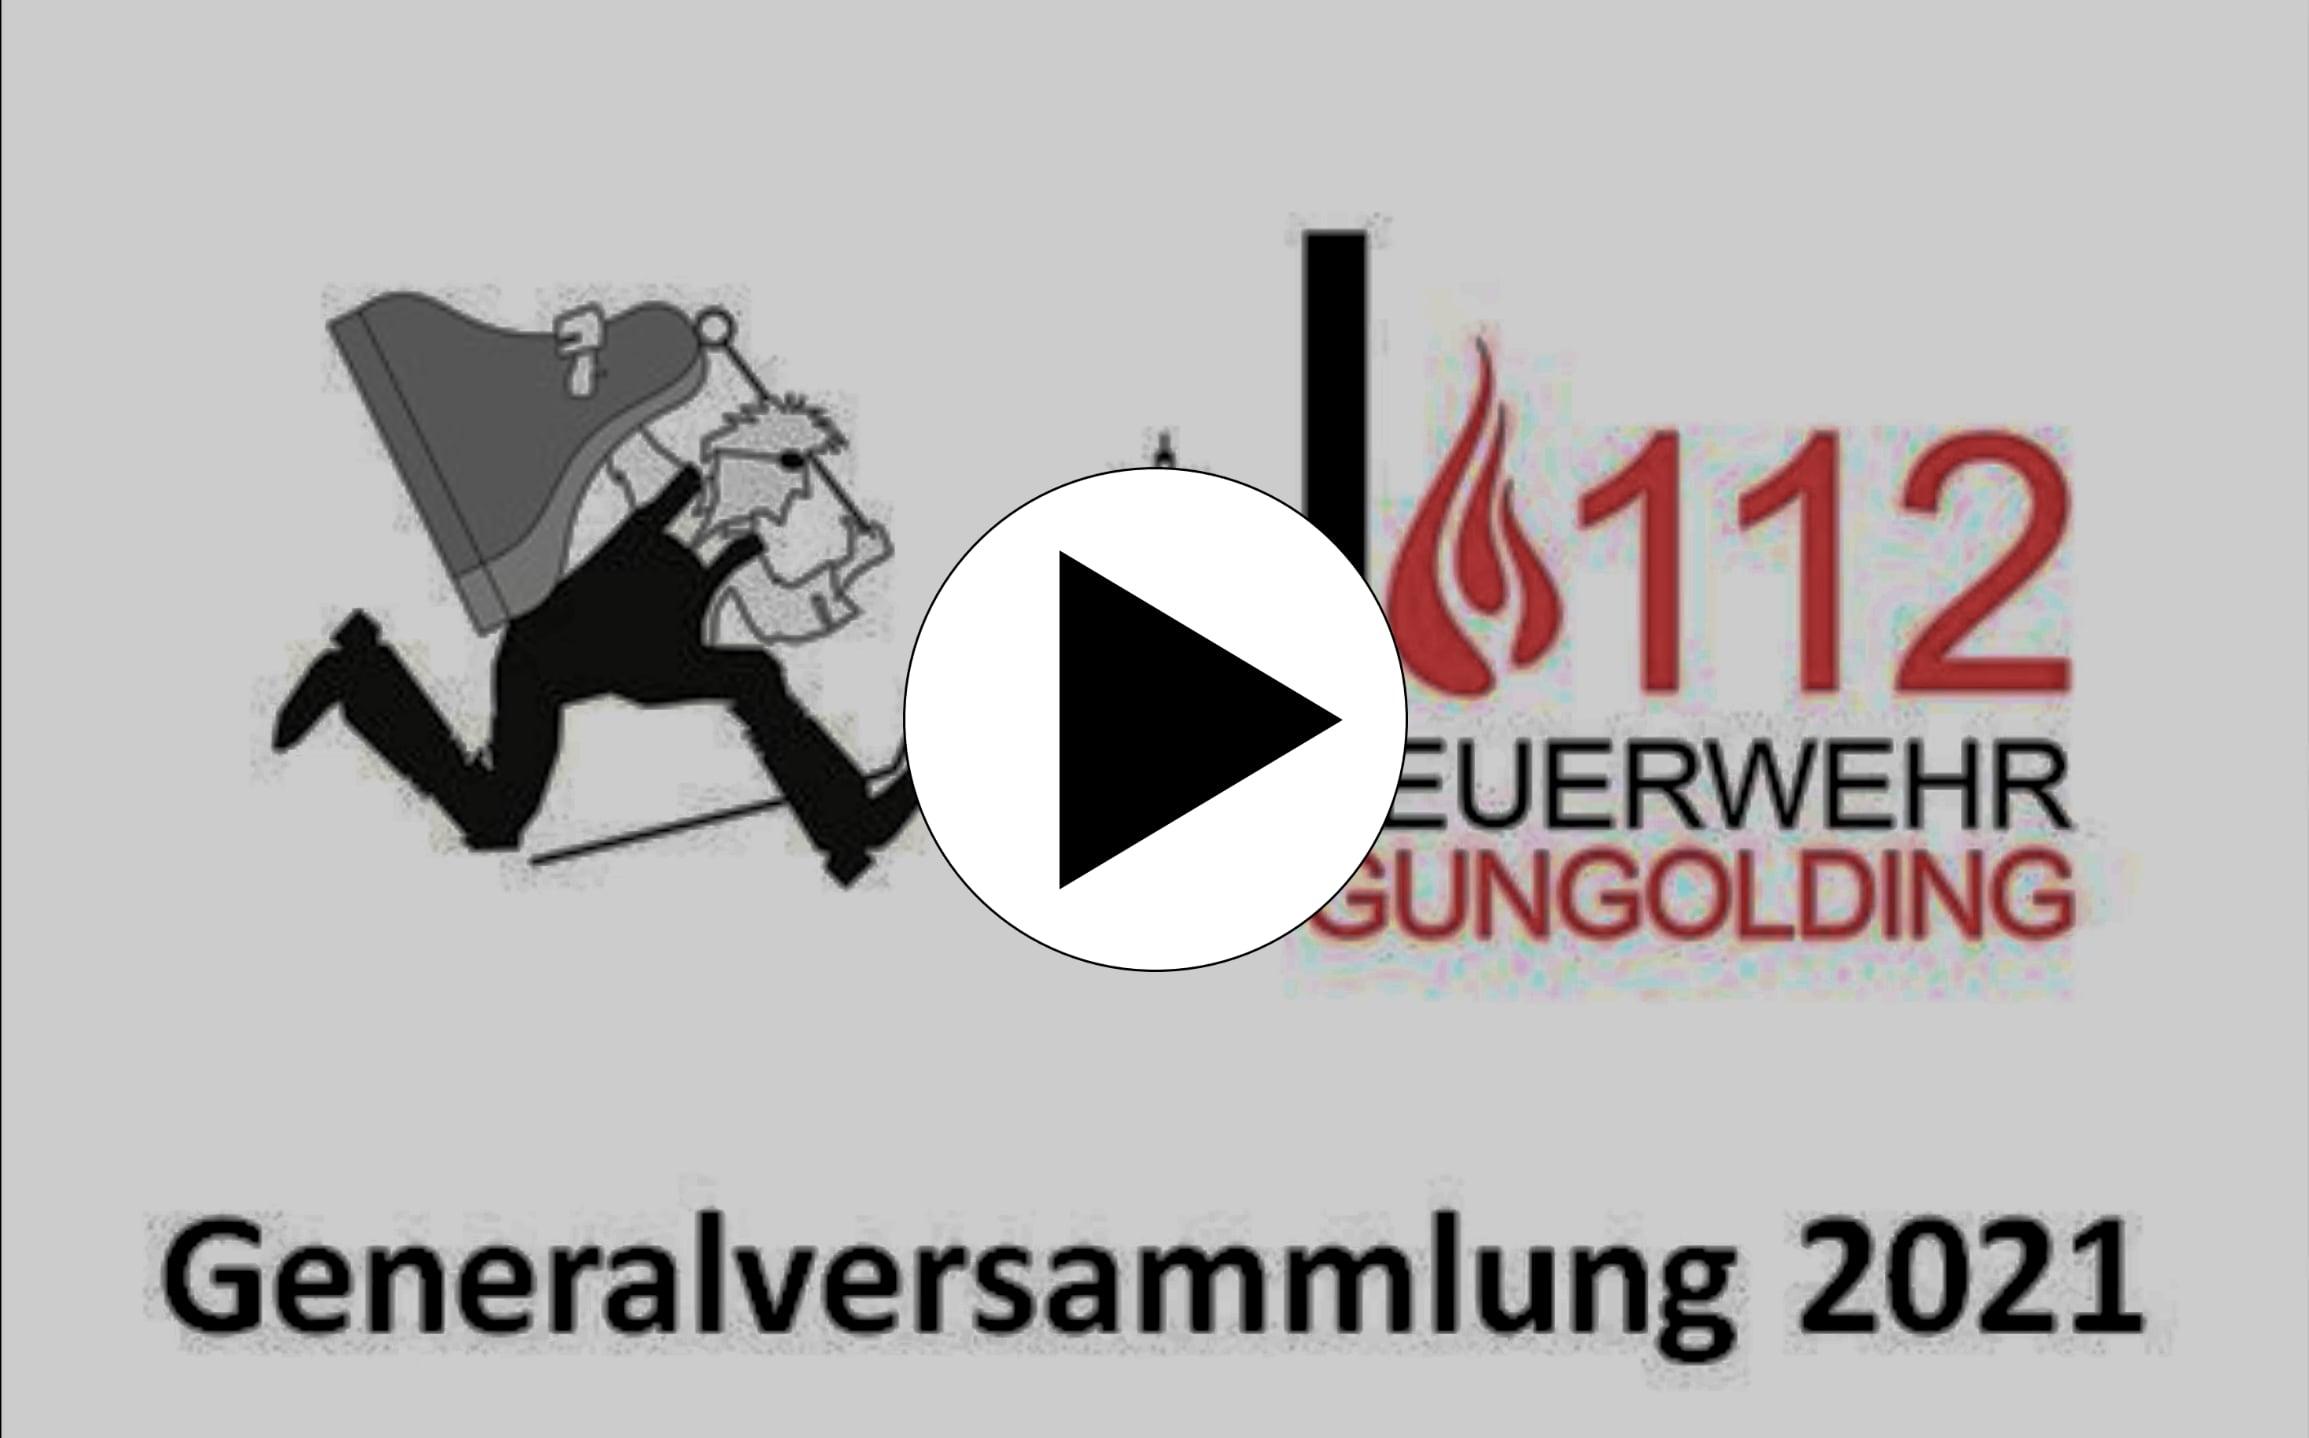 Generalversammlung 2021 Video Thumbnail